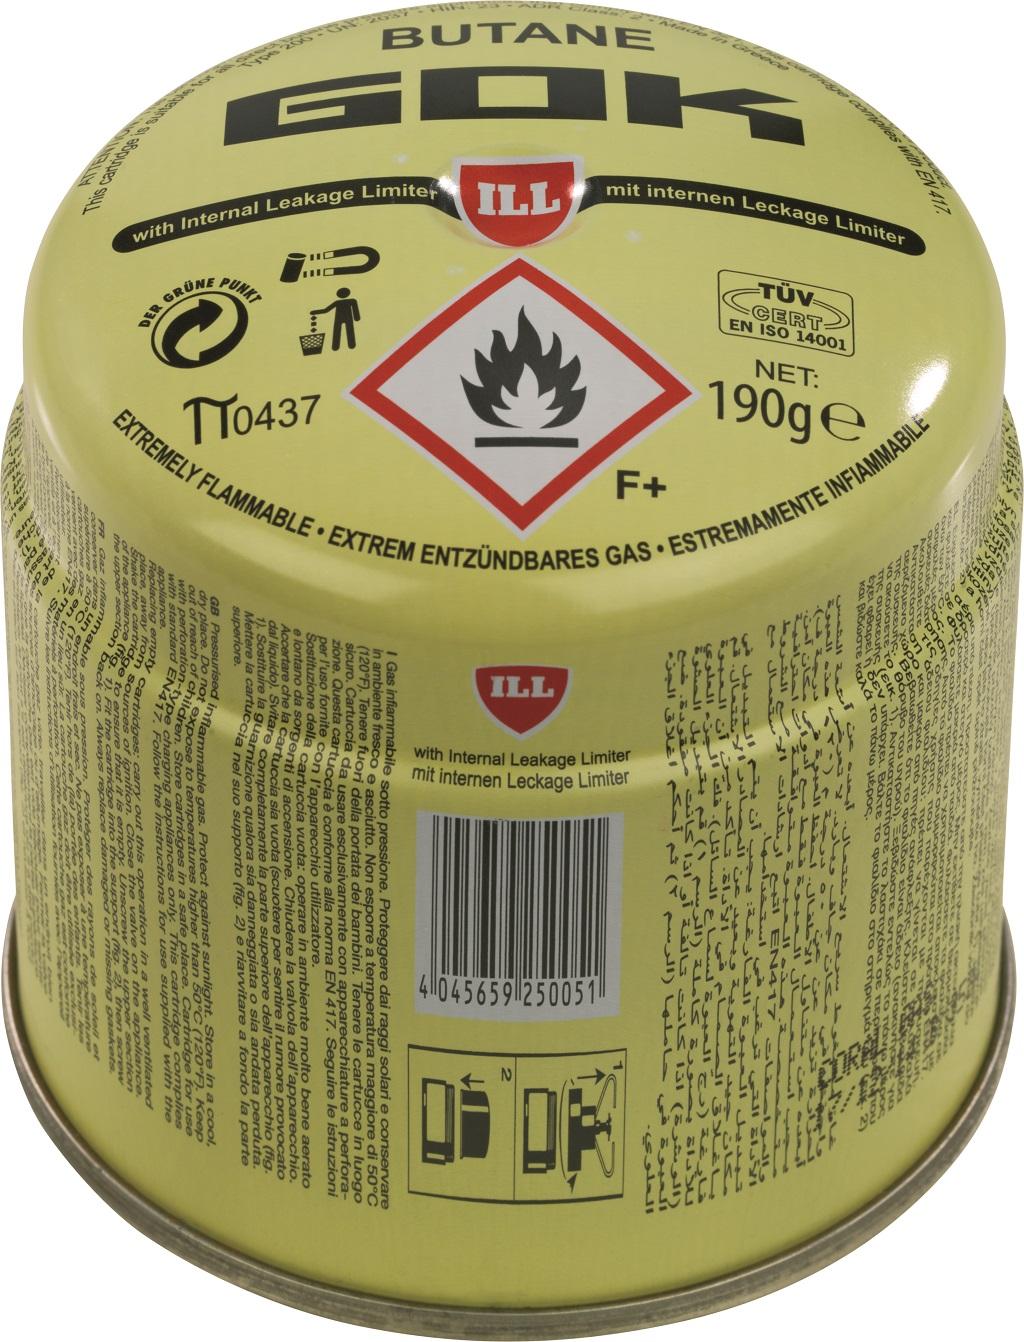 Gaskartusche von GOK zum Stechen mit einem Füllgewicht von 190 Gramm. Kann im Gebäude gelagert werden, allerdings unter gewissen Voraussetzungen.